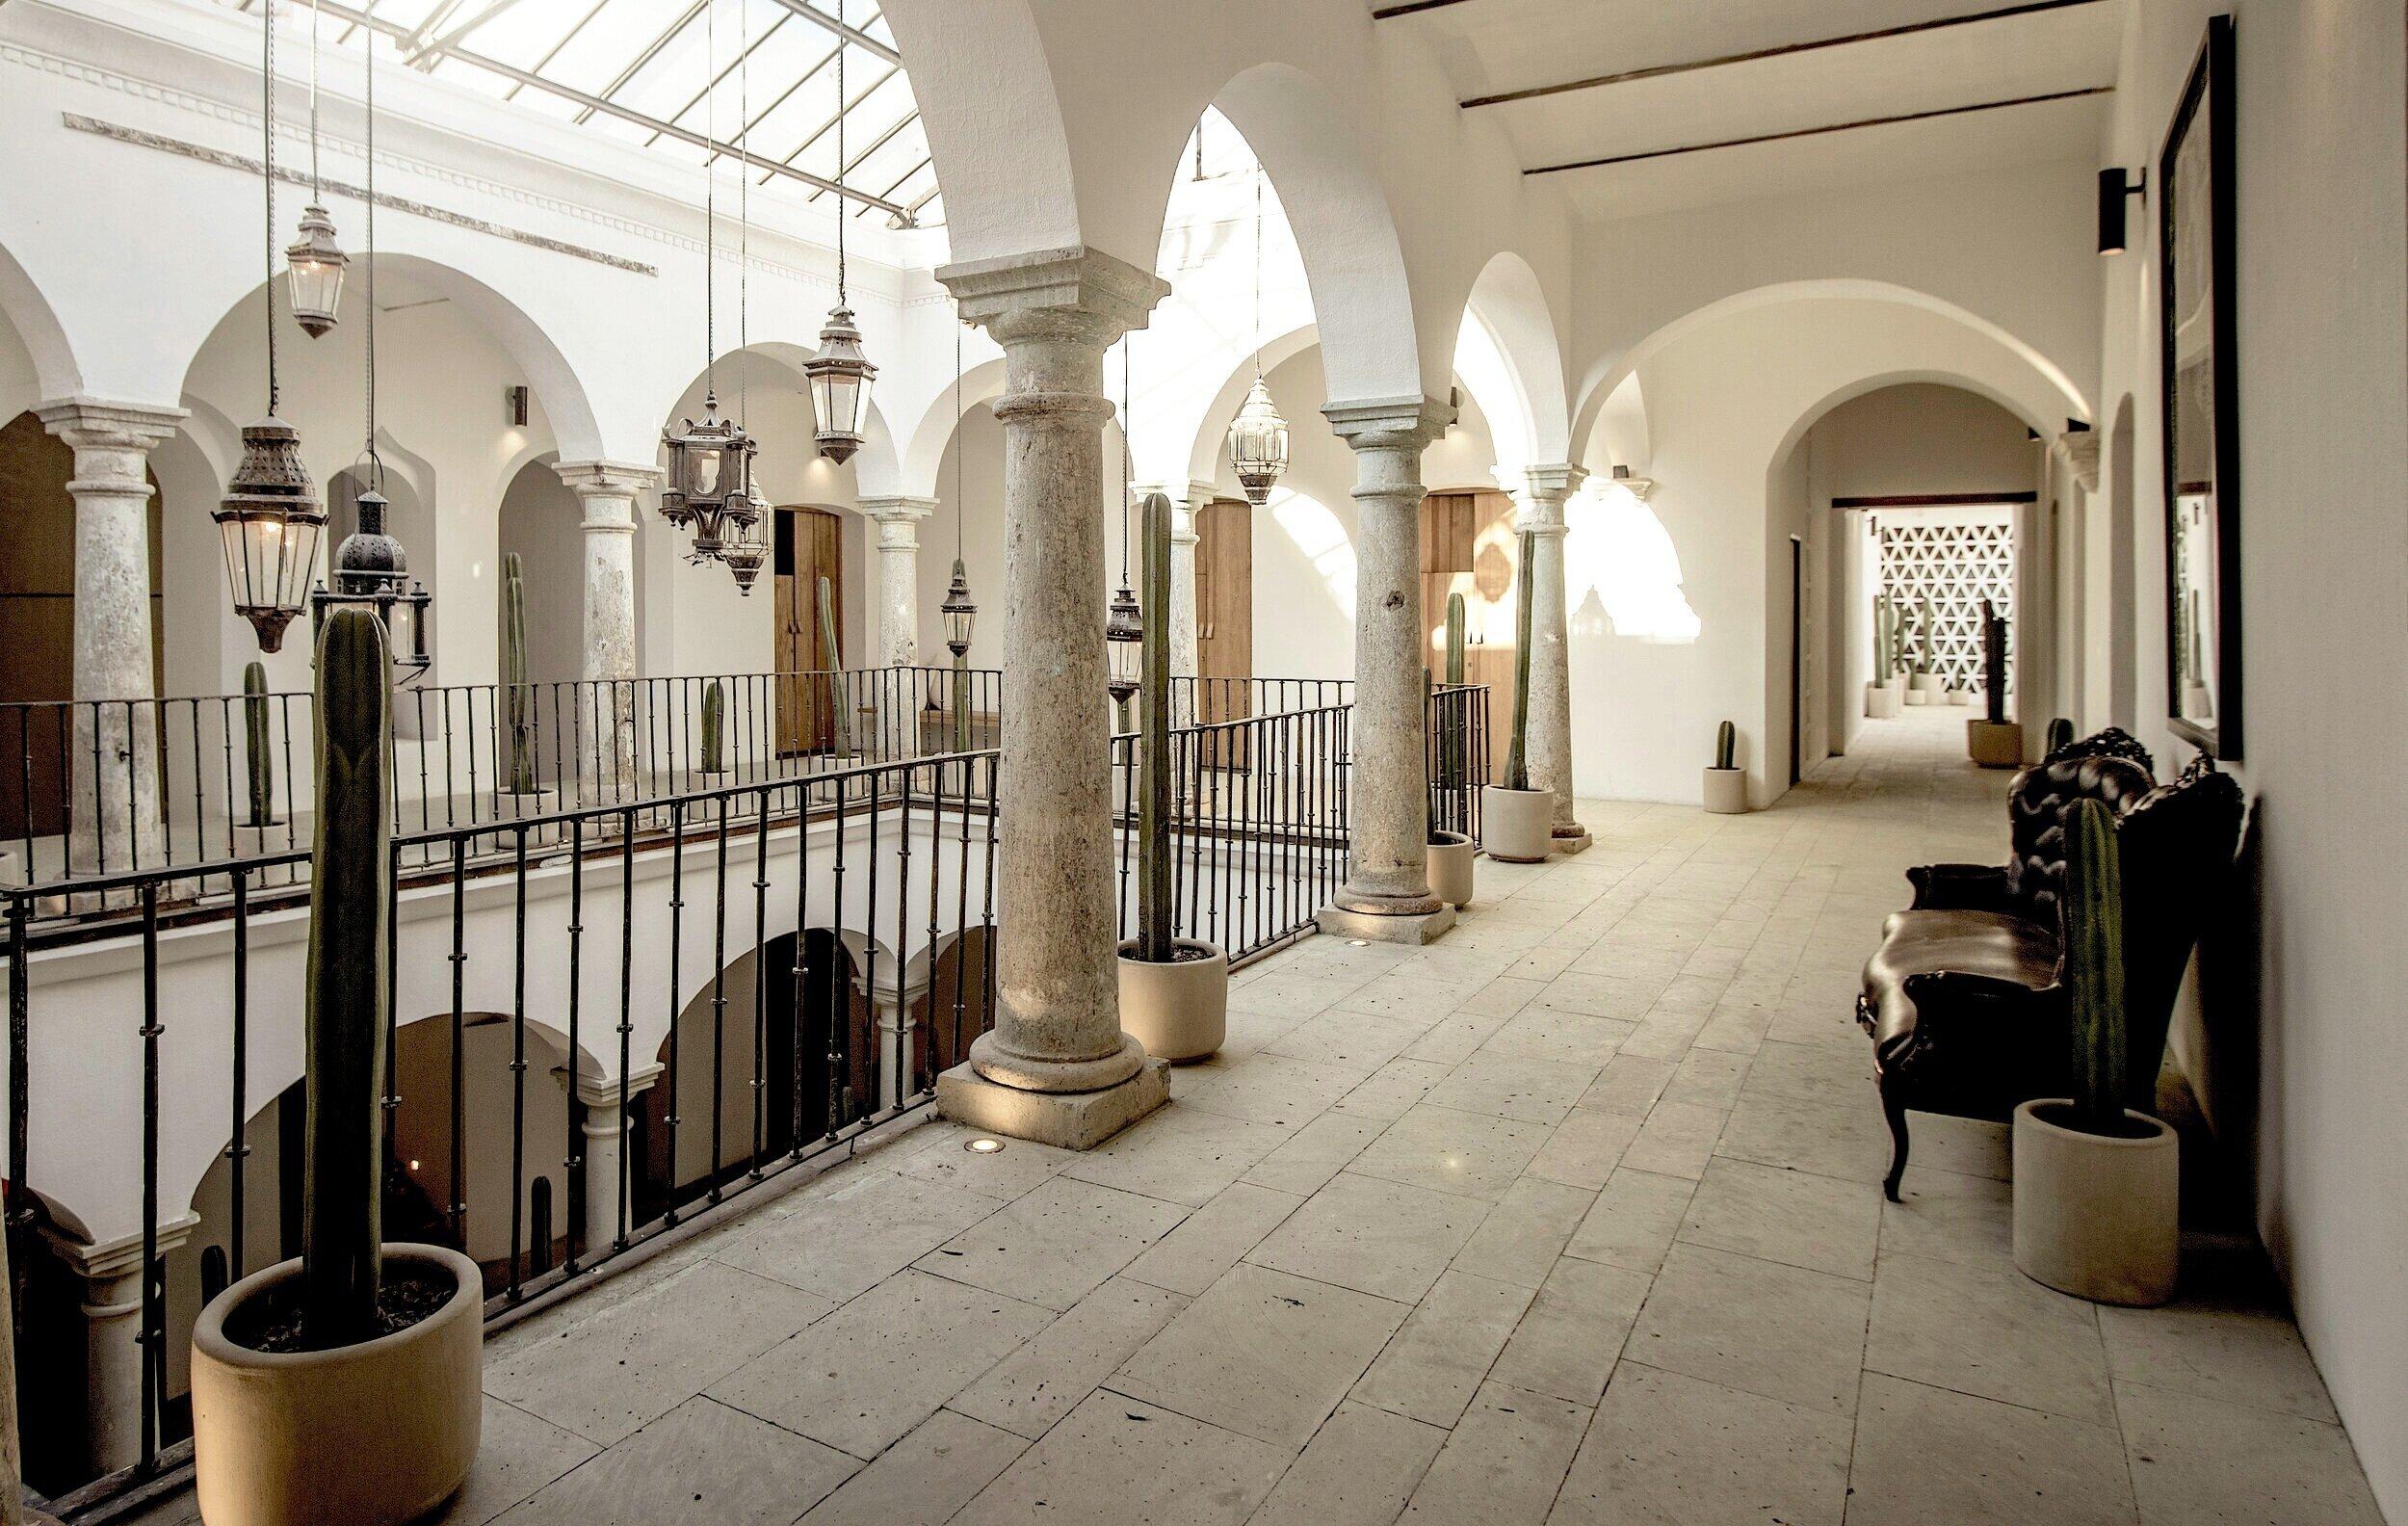 Interiores del Hotel Sin Nombre